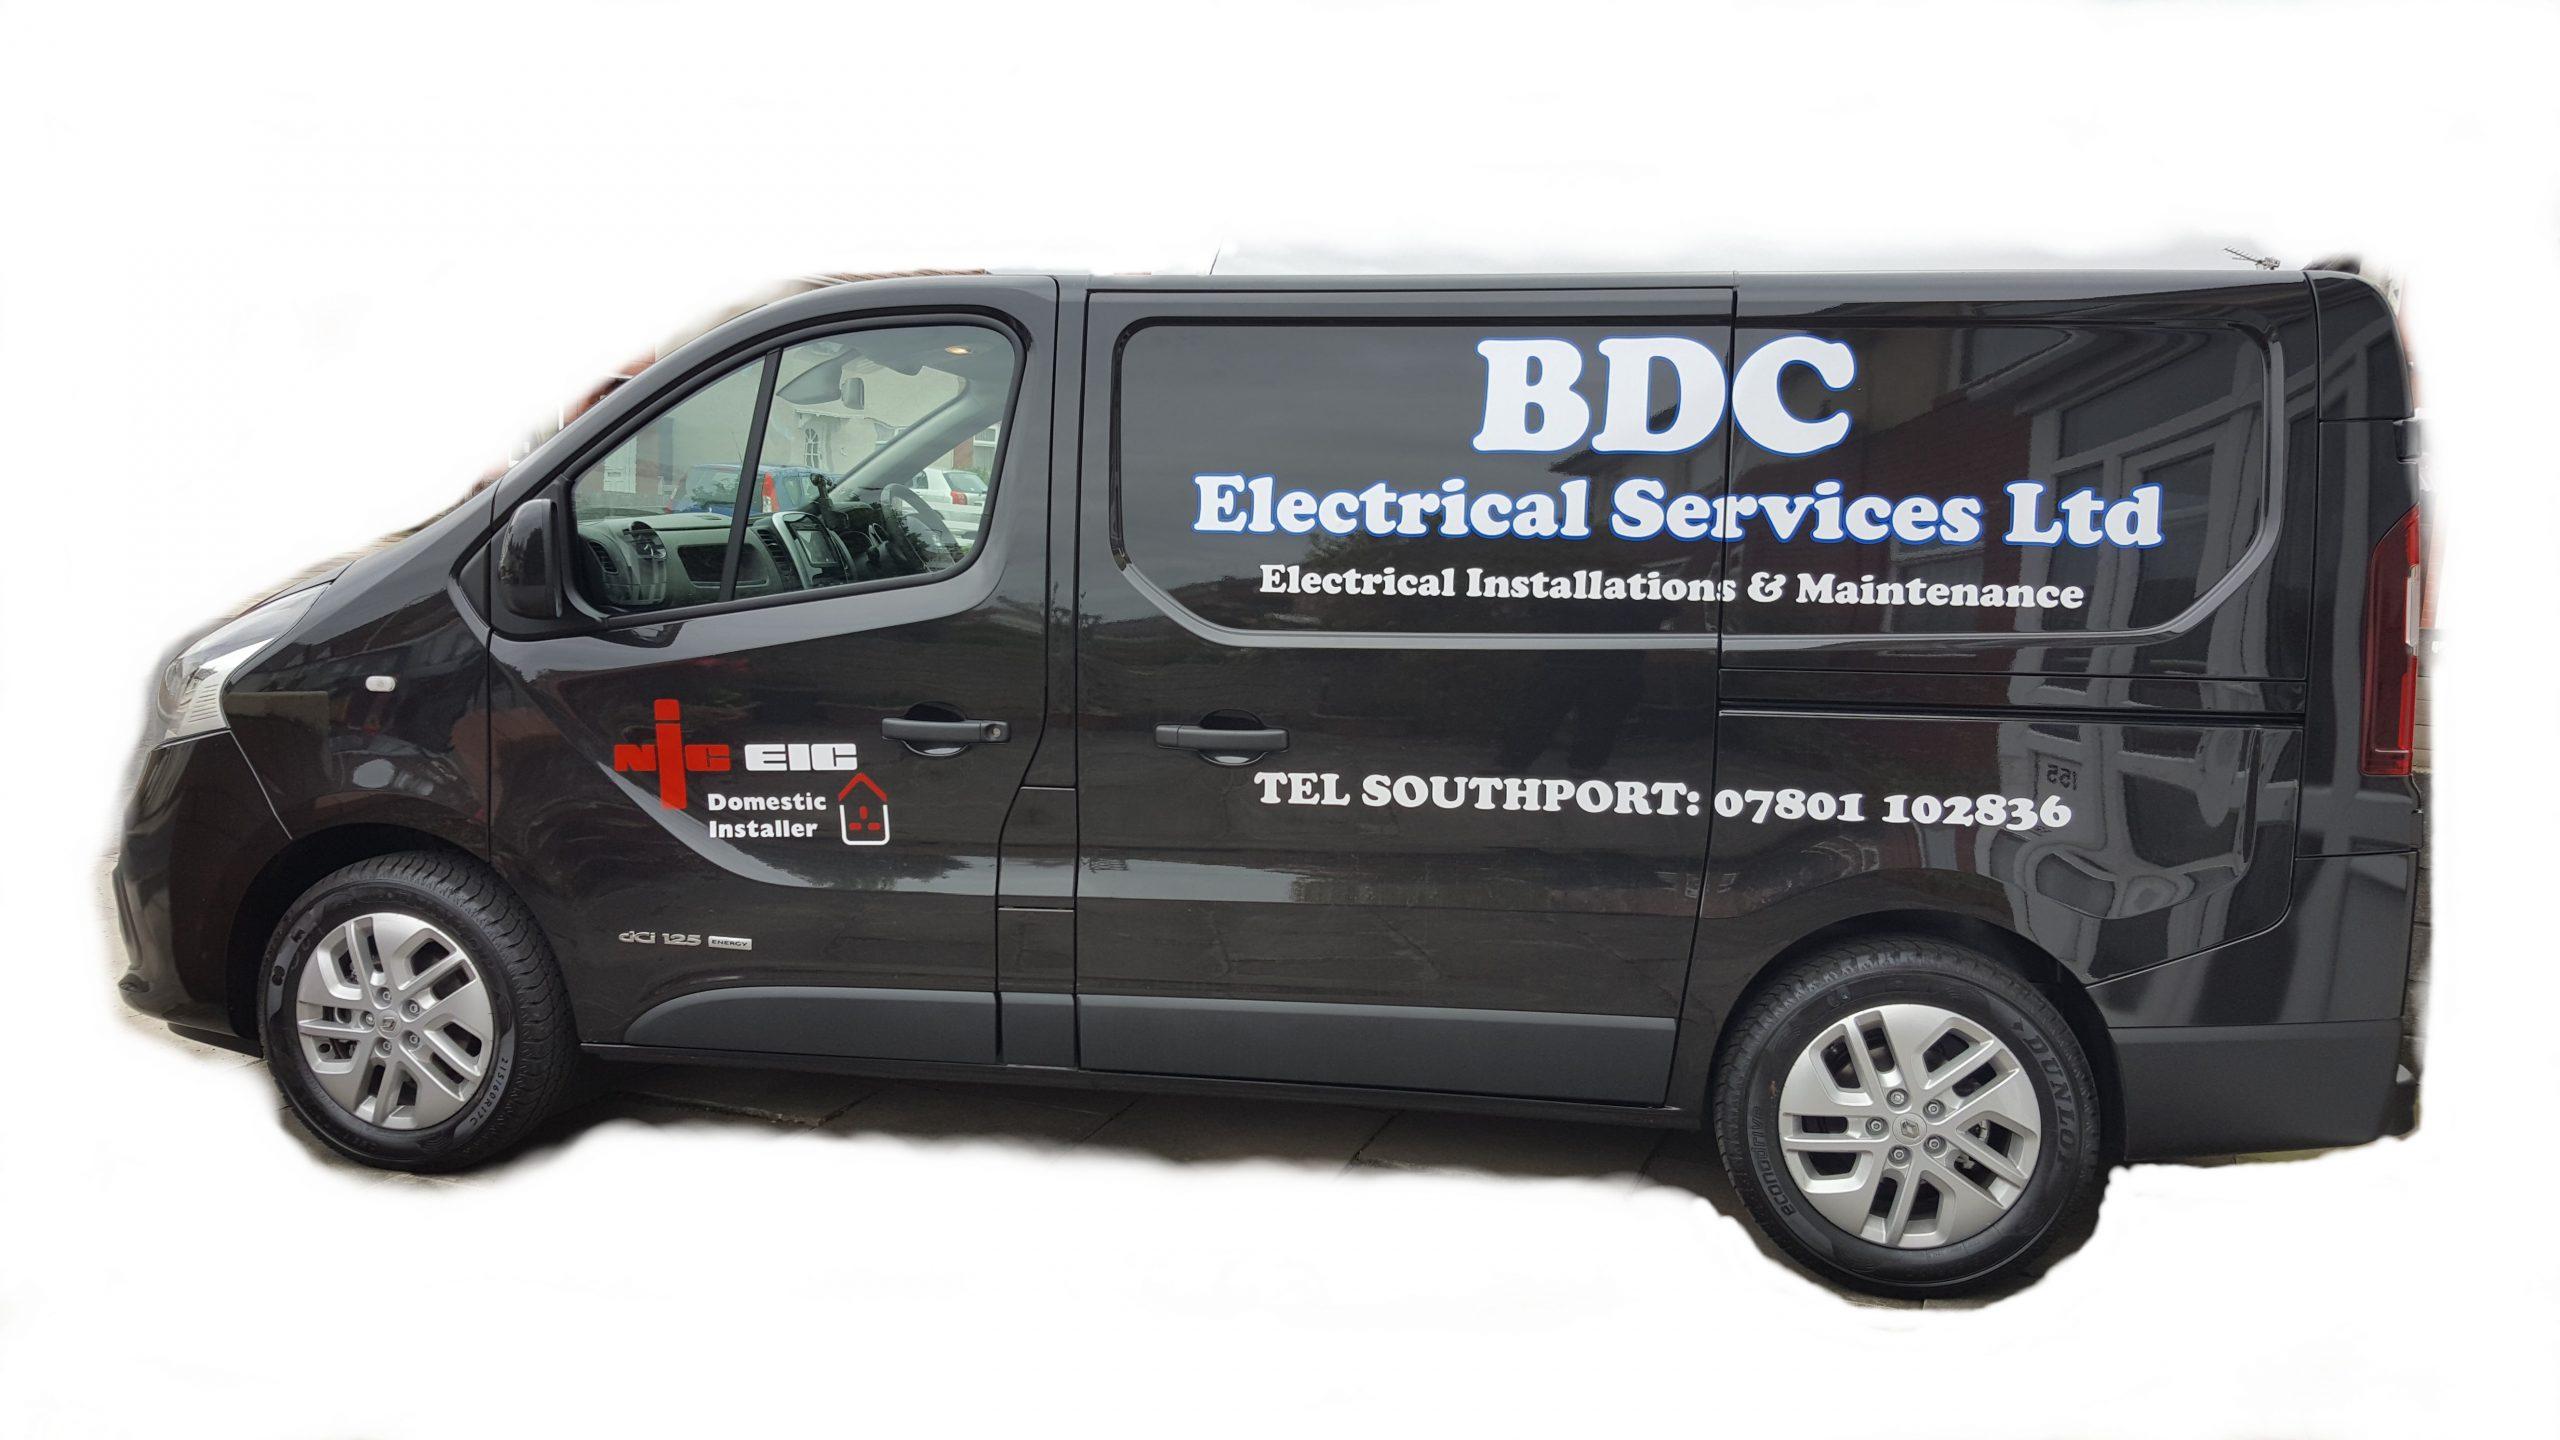 BDC Electrical Services Ltd